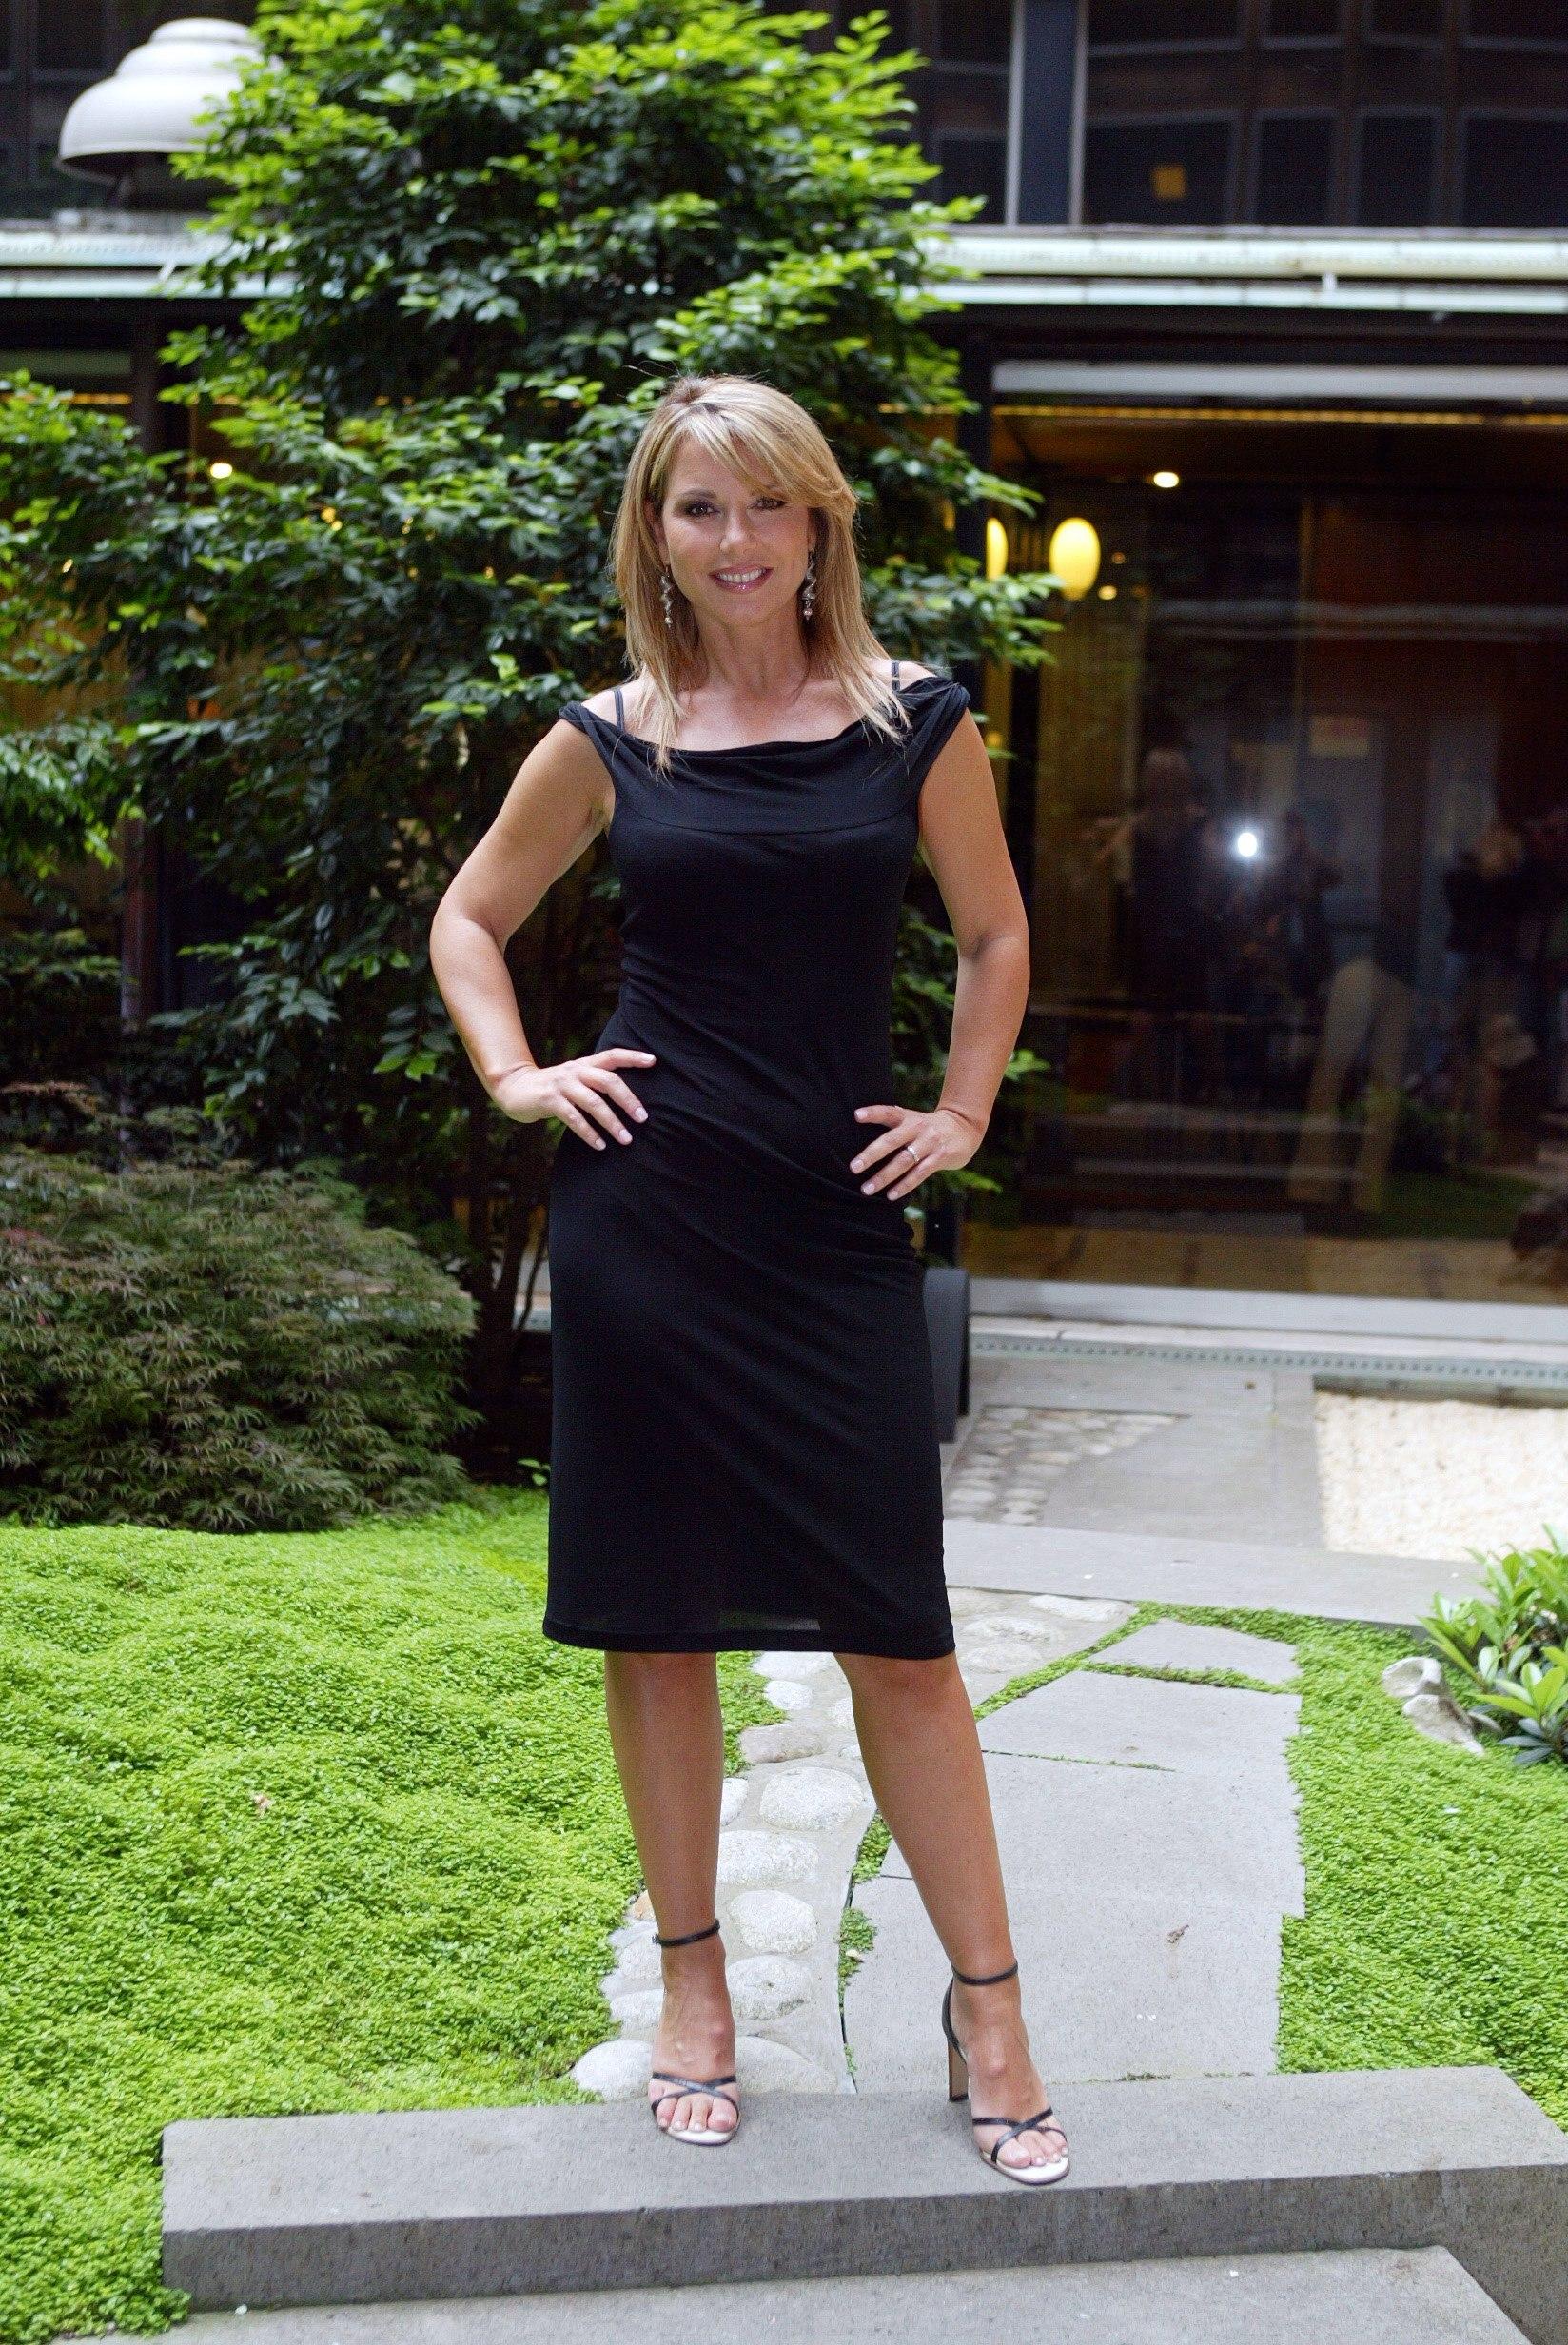 Monica Leofreddi Nude Celebrities Forum Famousboard Com